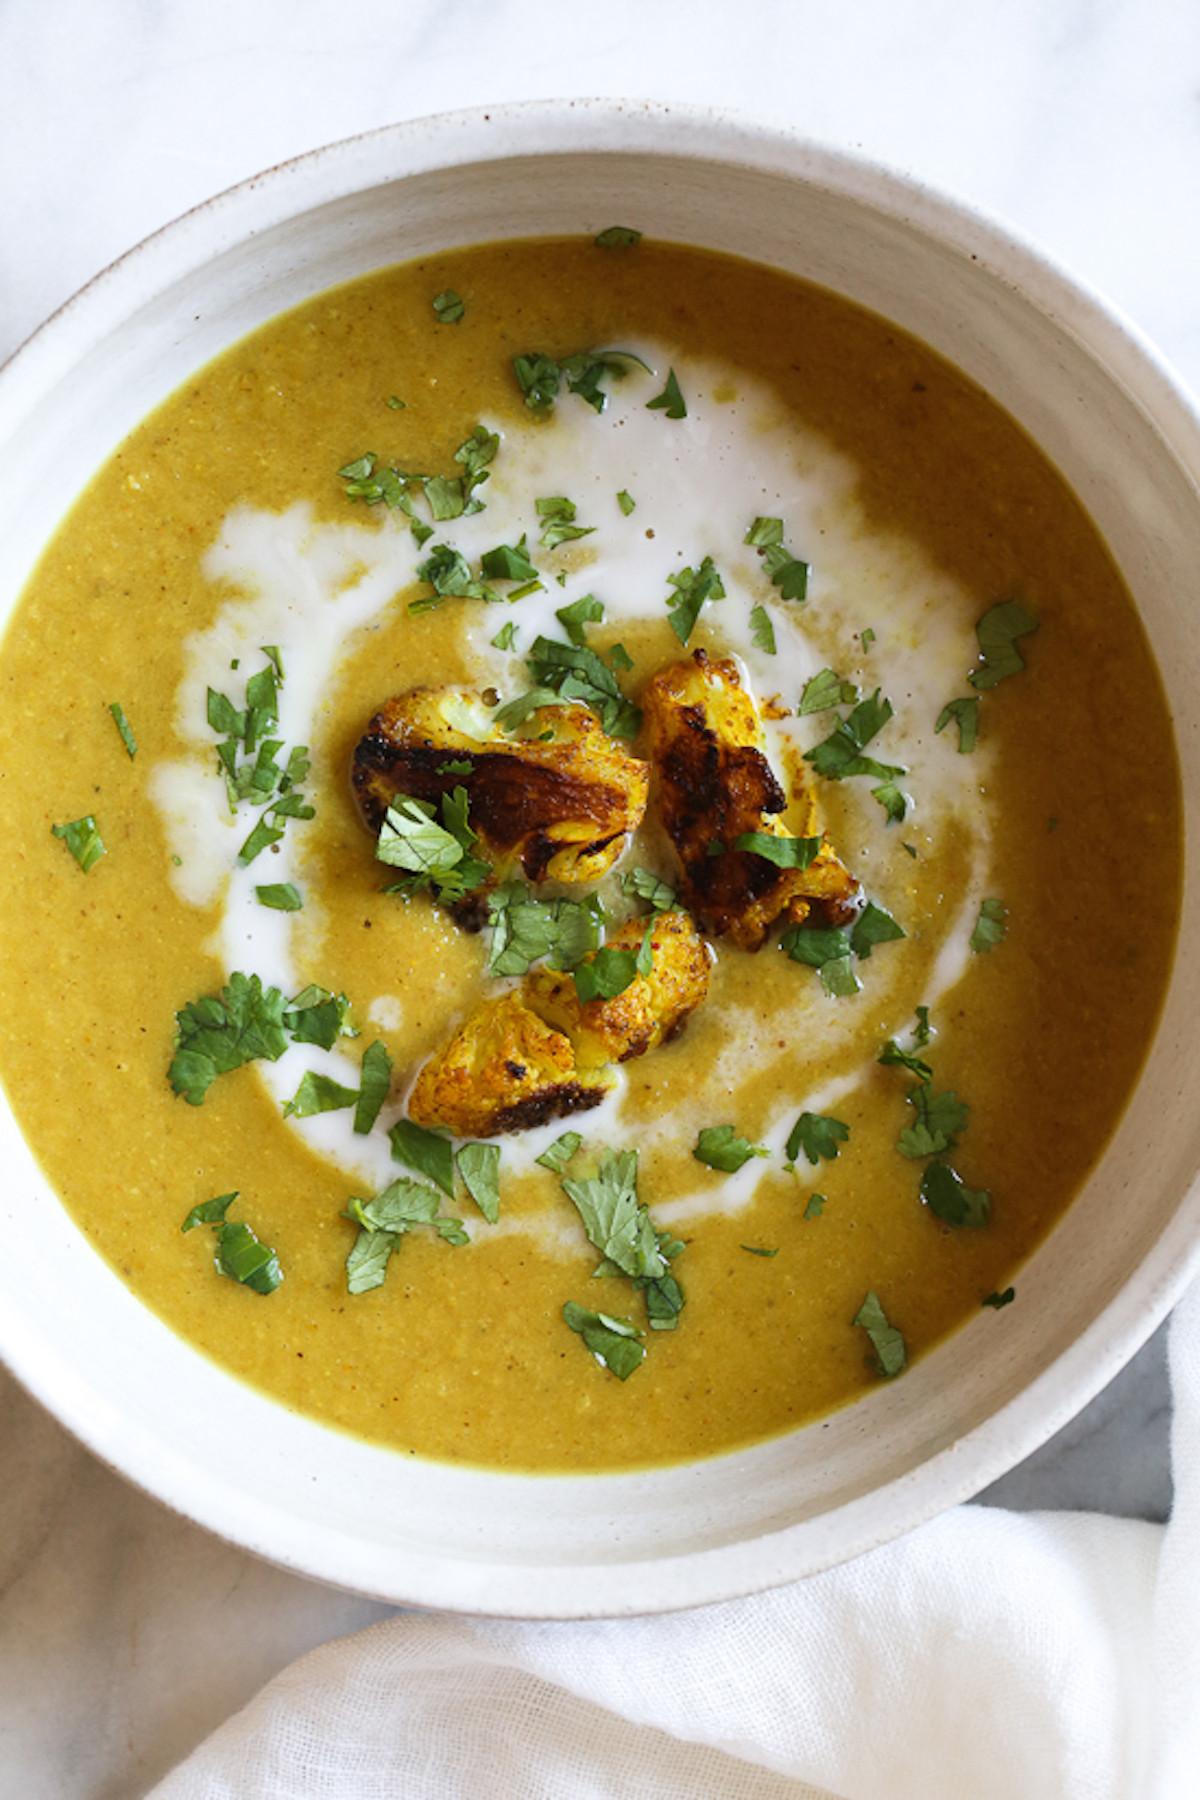 Cauliflower Soup Recipes  10 Easy Cauliflower Soup Recipes How to Make Cauliflower